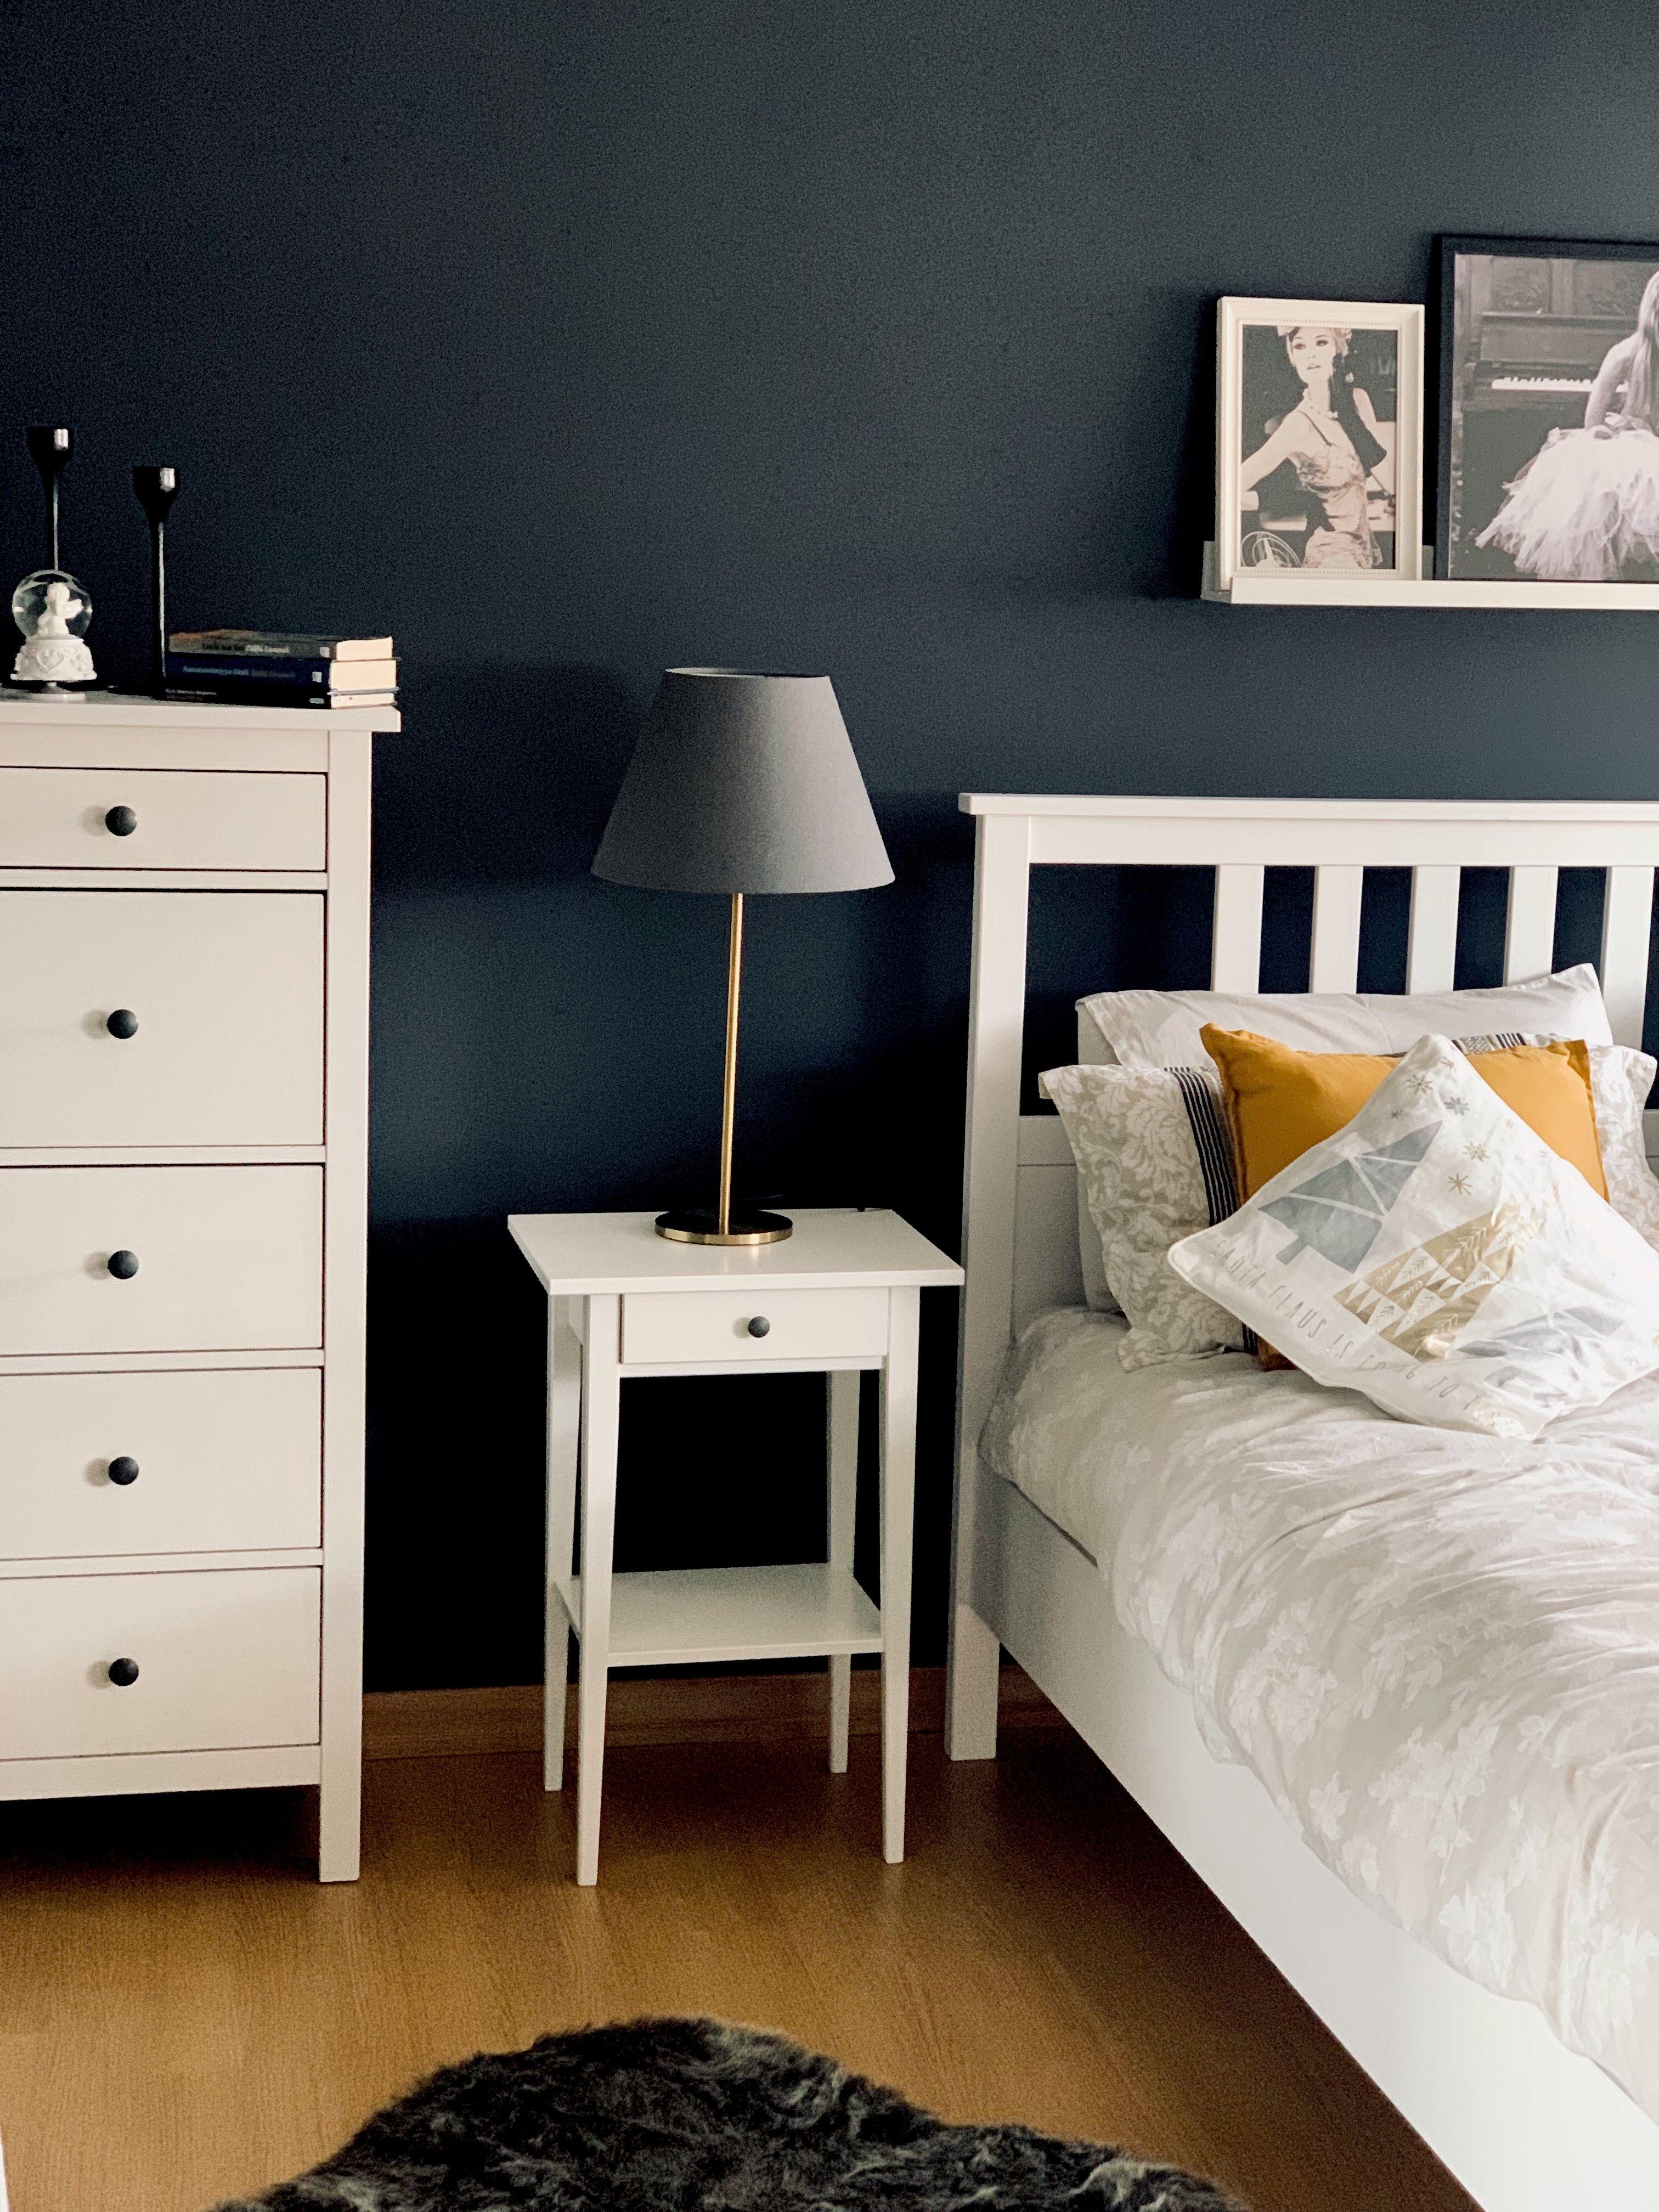 İkea yatak odası ikea bedroom design ideas Ikea yatak